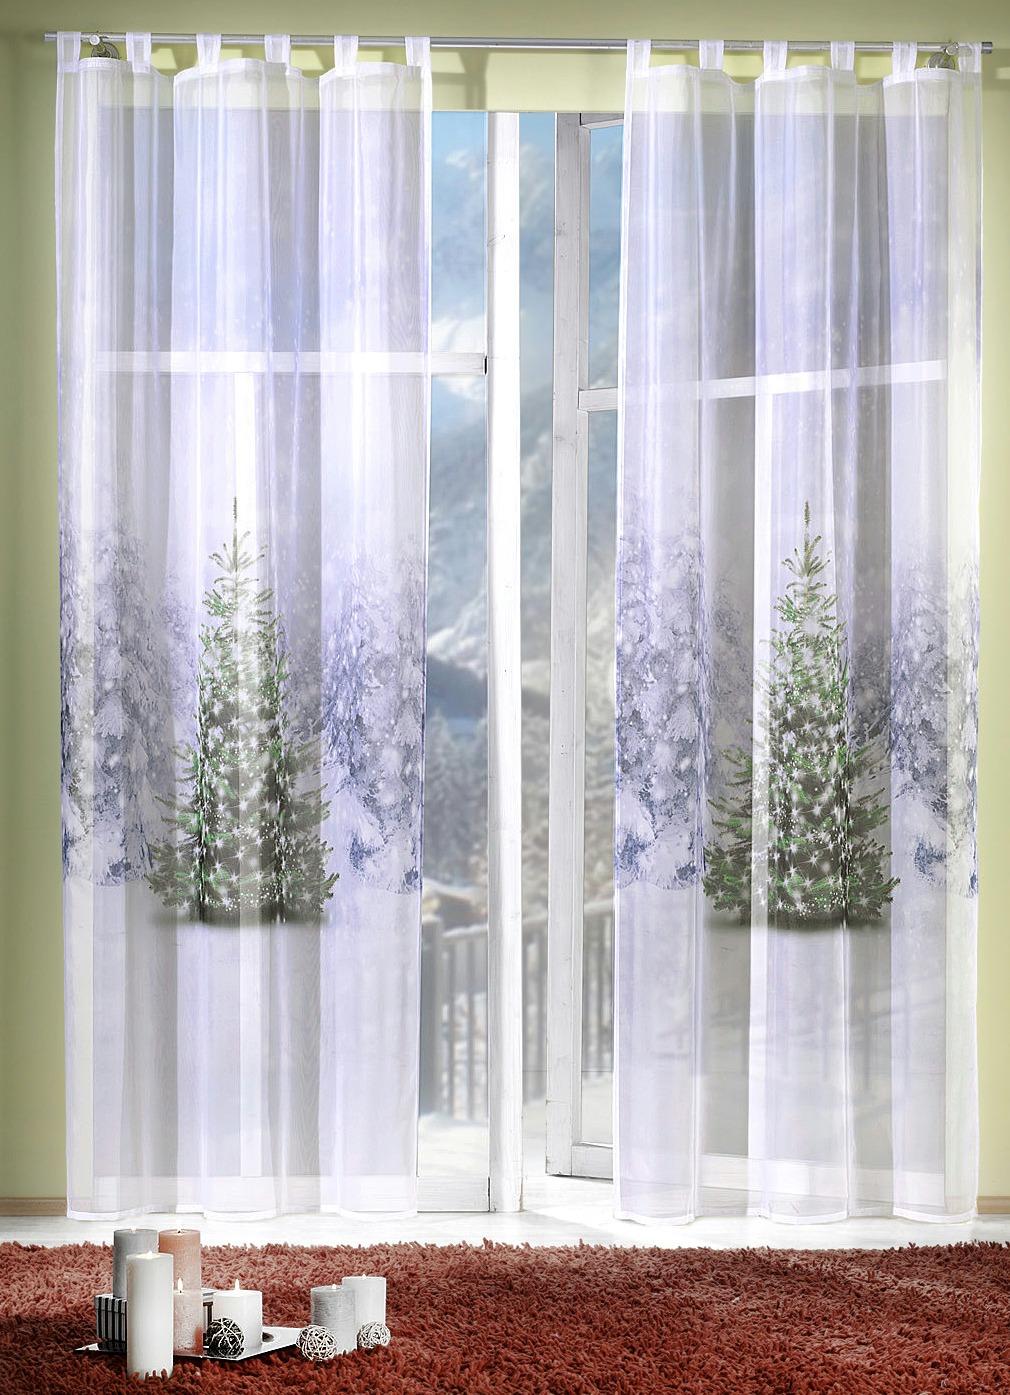 dekoschal winterb umchen gardinen bader. Black Bedroom Furniture Sets. Home Design Ideas